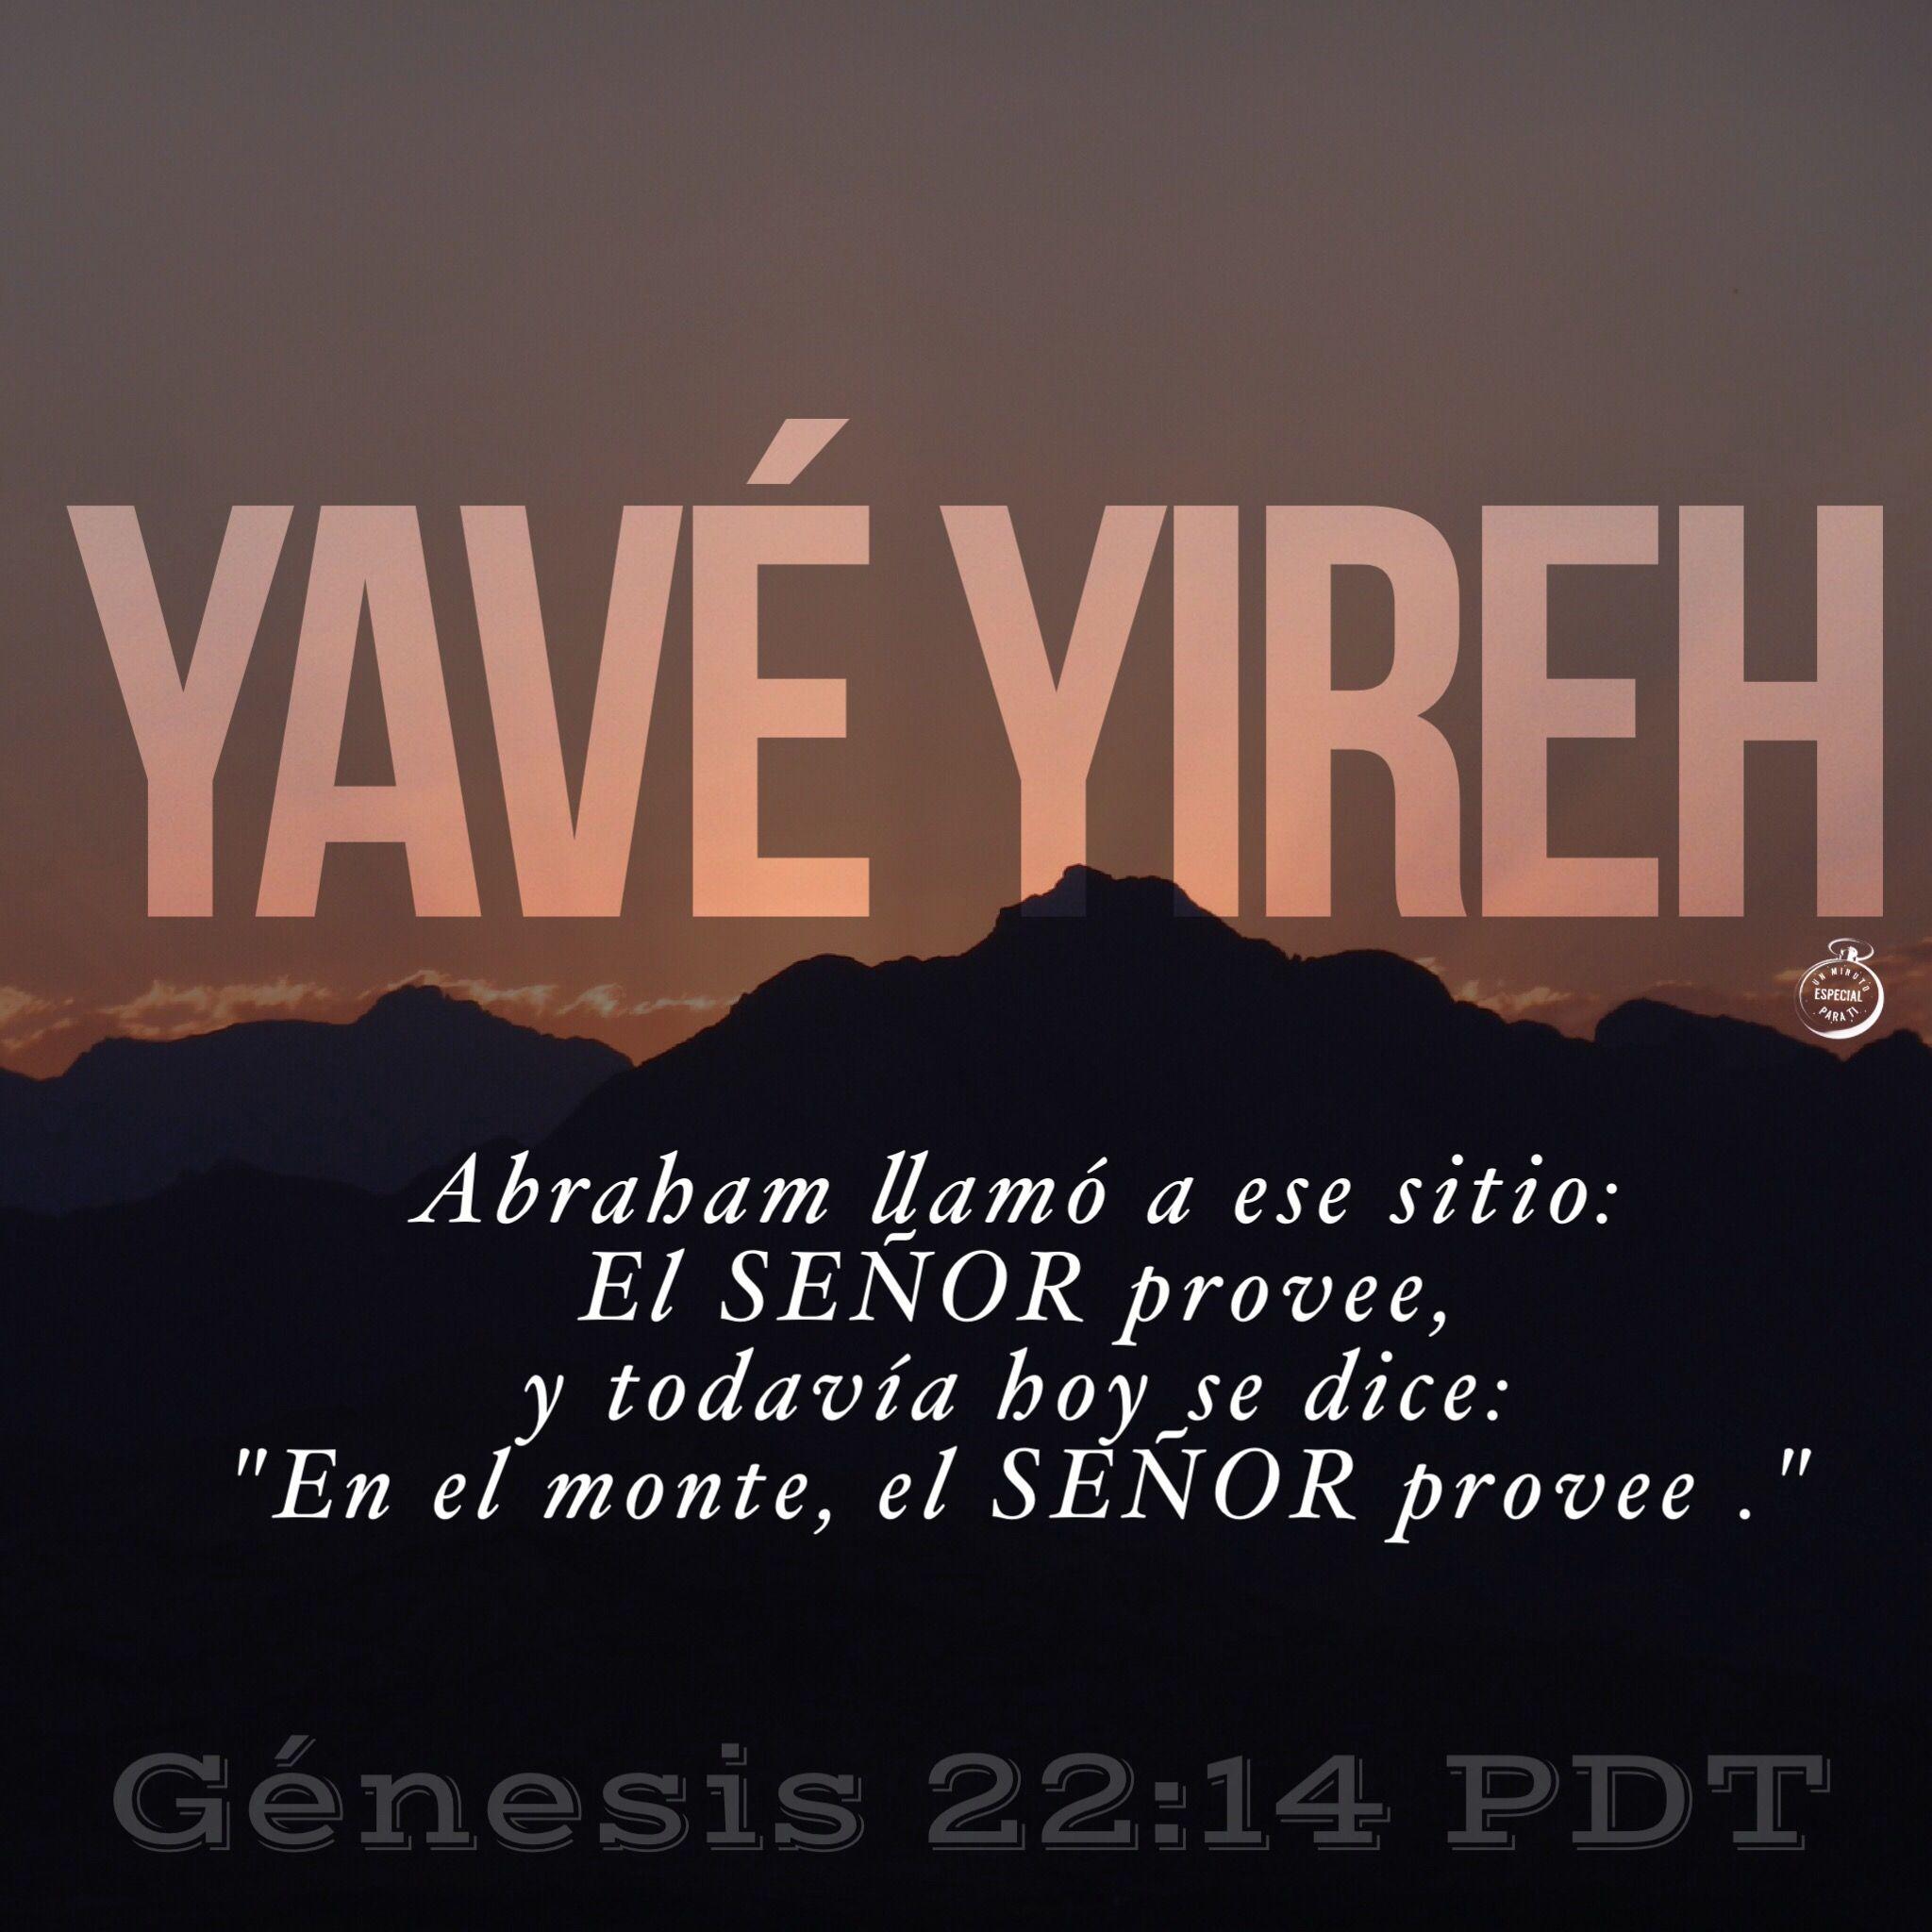 Genesis 22 14 Citas Decir No